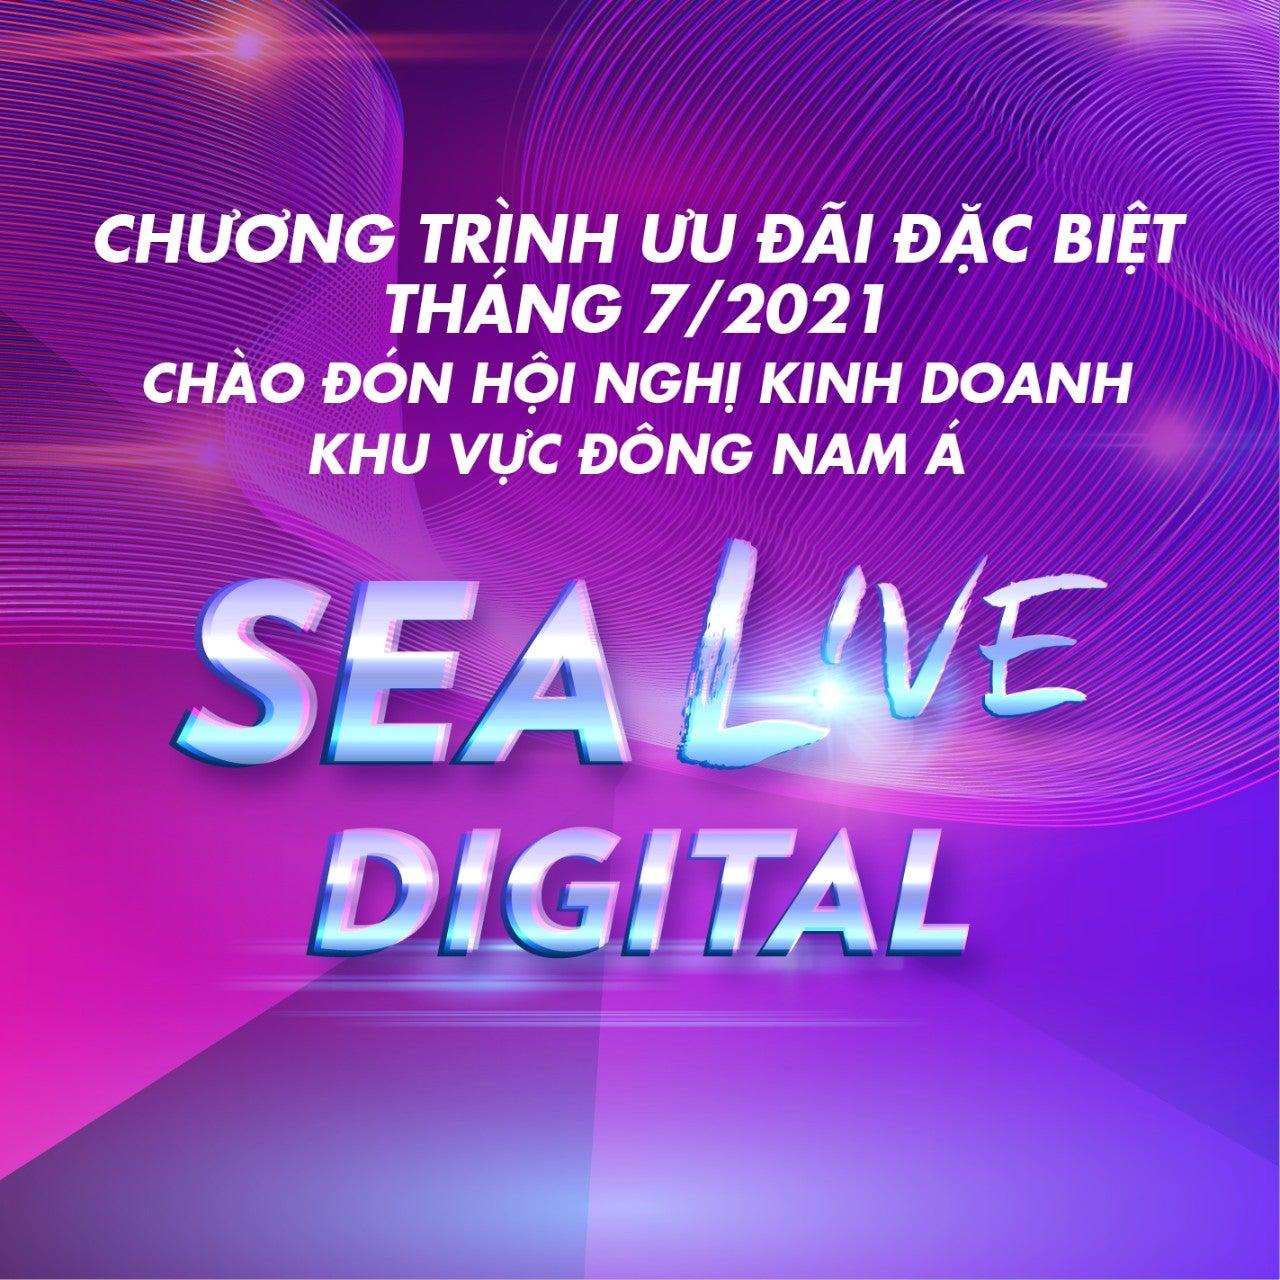 Ưu đãi đặc biệt SEA LIVE tháng 7/2021 – Singapore, Malaysia, Vietnam